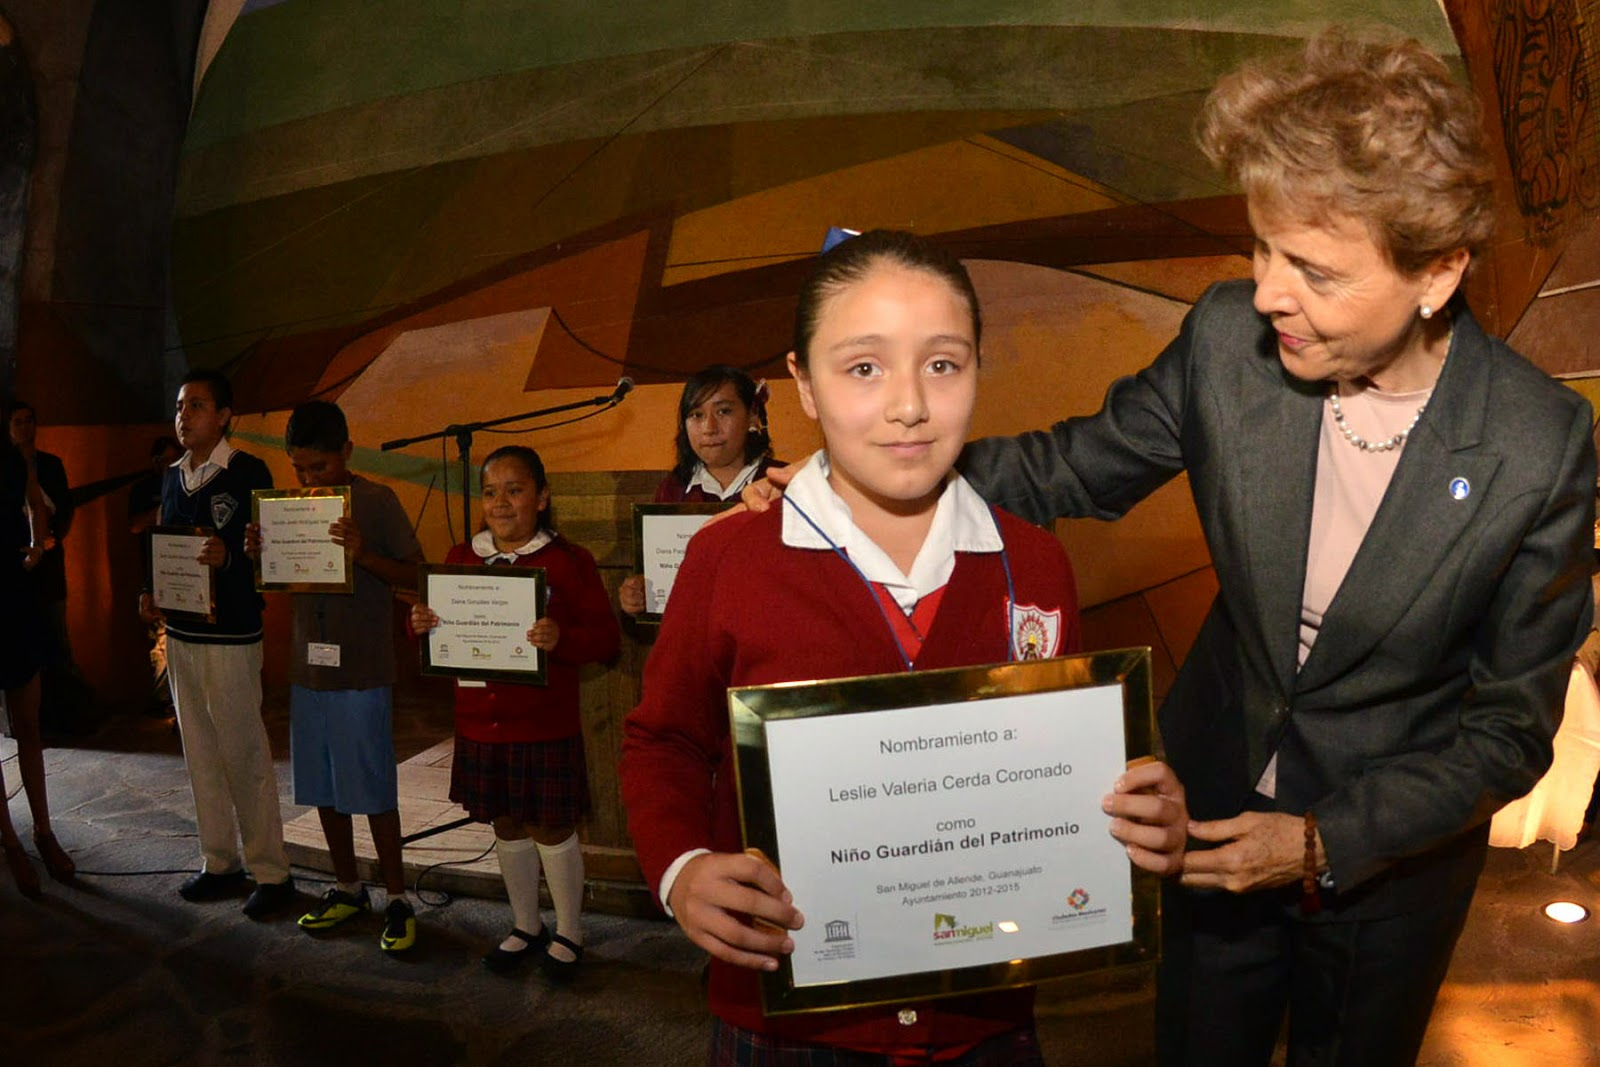 http://www.sanmigueldeallende.gob.mx/noticias/uncategorized/san-miguel-de-allende-celebra-sexto-aniversario-del-nombramiento-como-ciudad-patrimonio-cultural-de-la-humanidad/